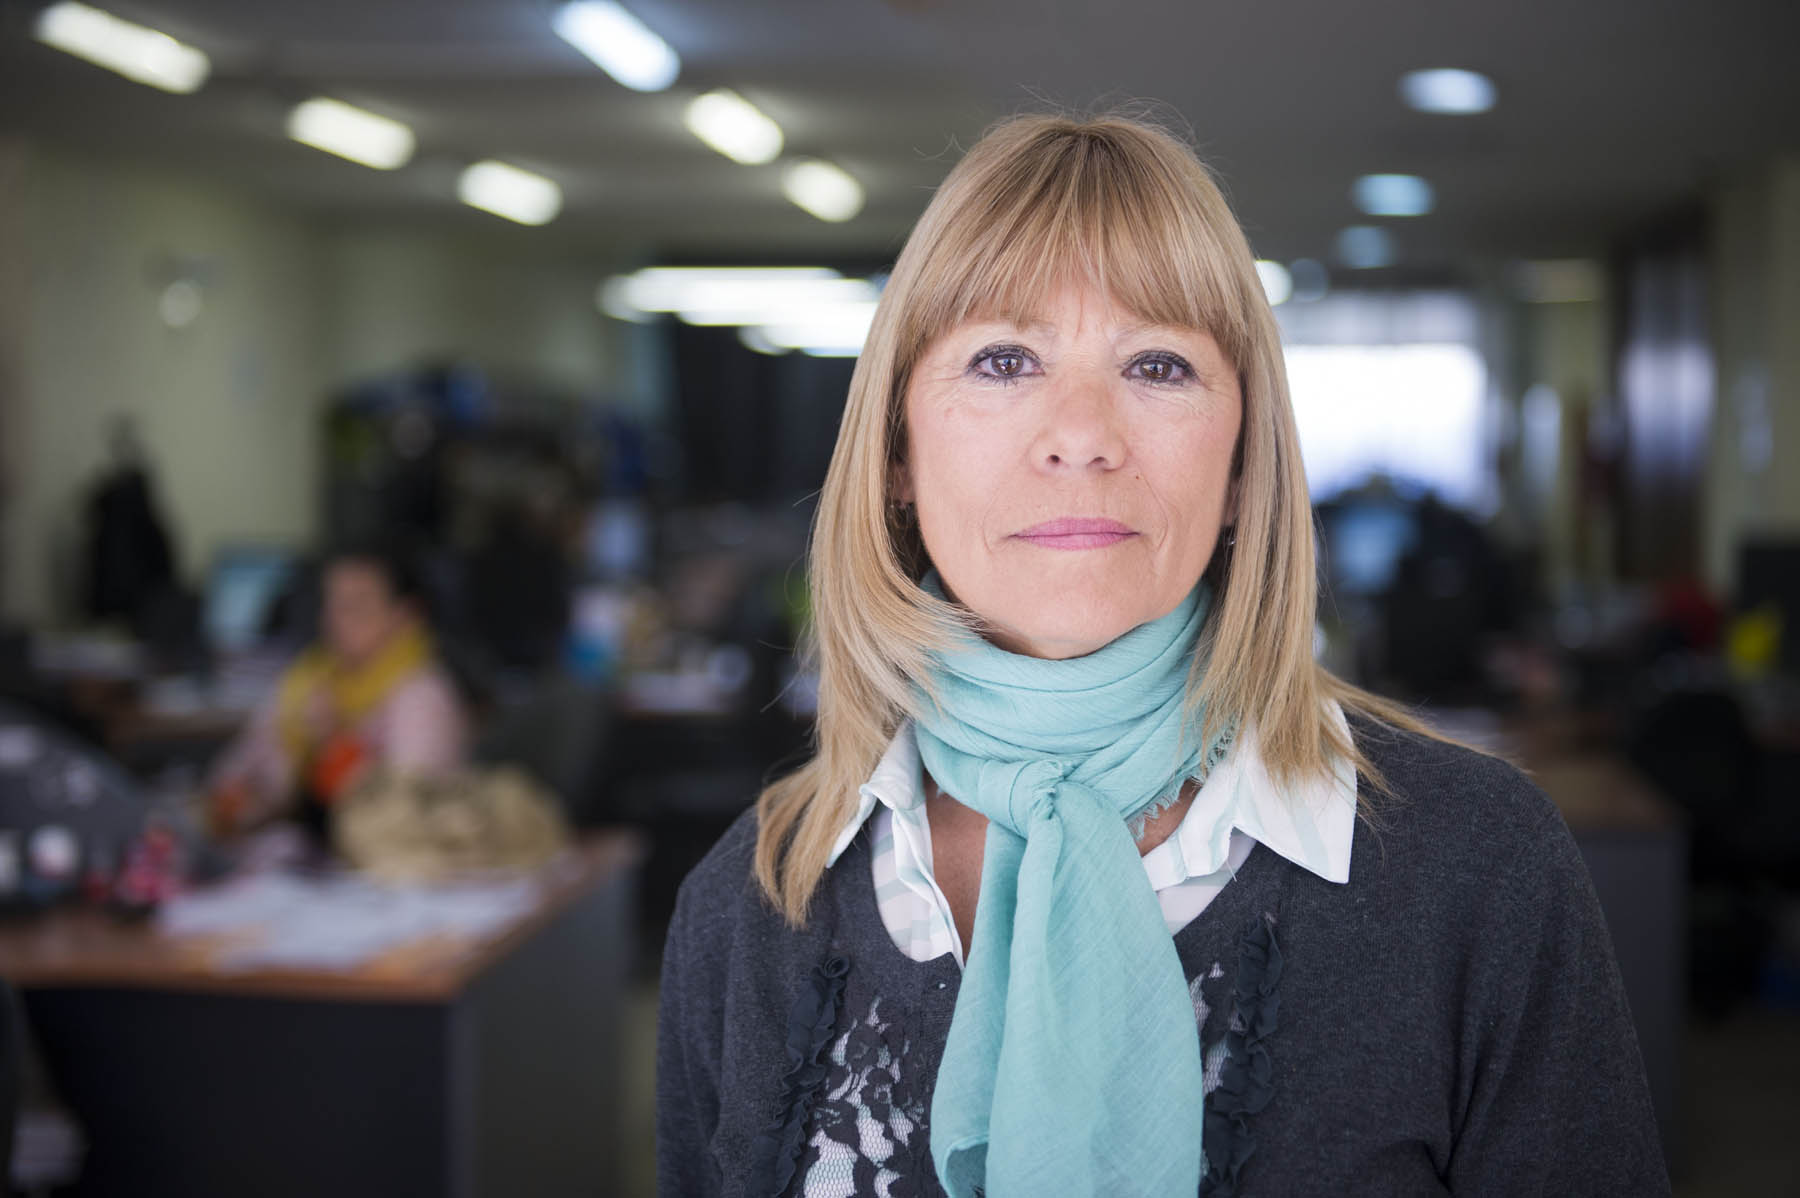 Entrevista a Mediadora Miriam Markus, Licenciada en Ciencias de la Educación